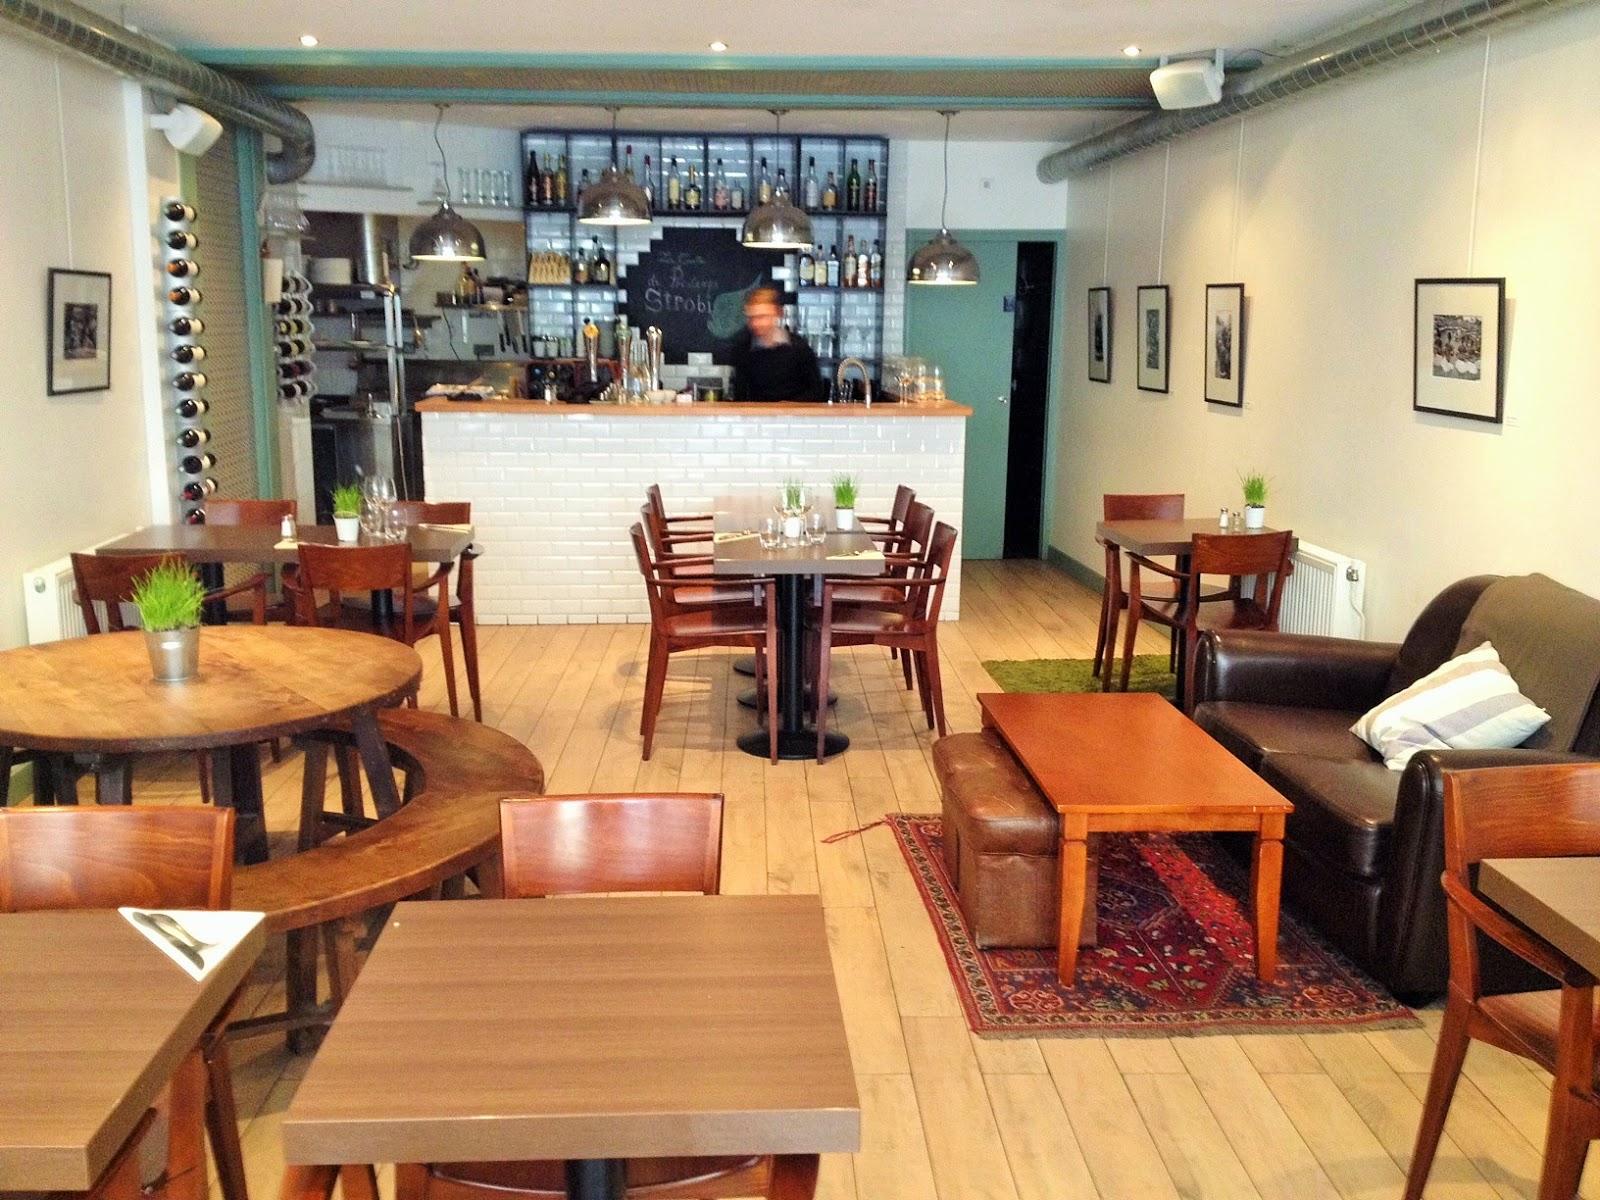 Le Strobi - restaurant - Paris place de clichy